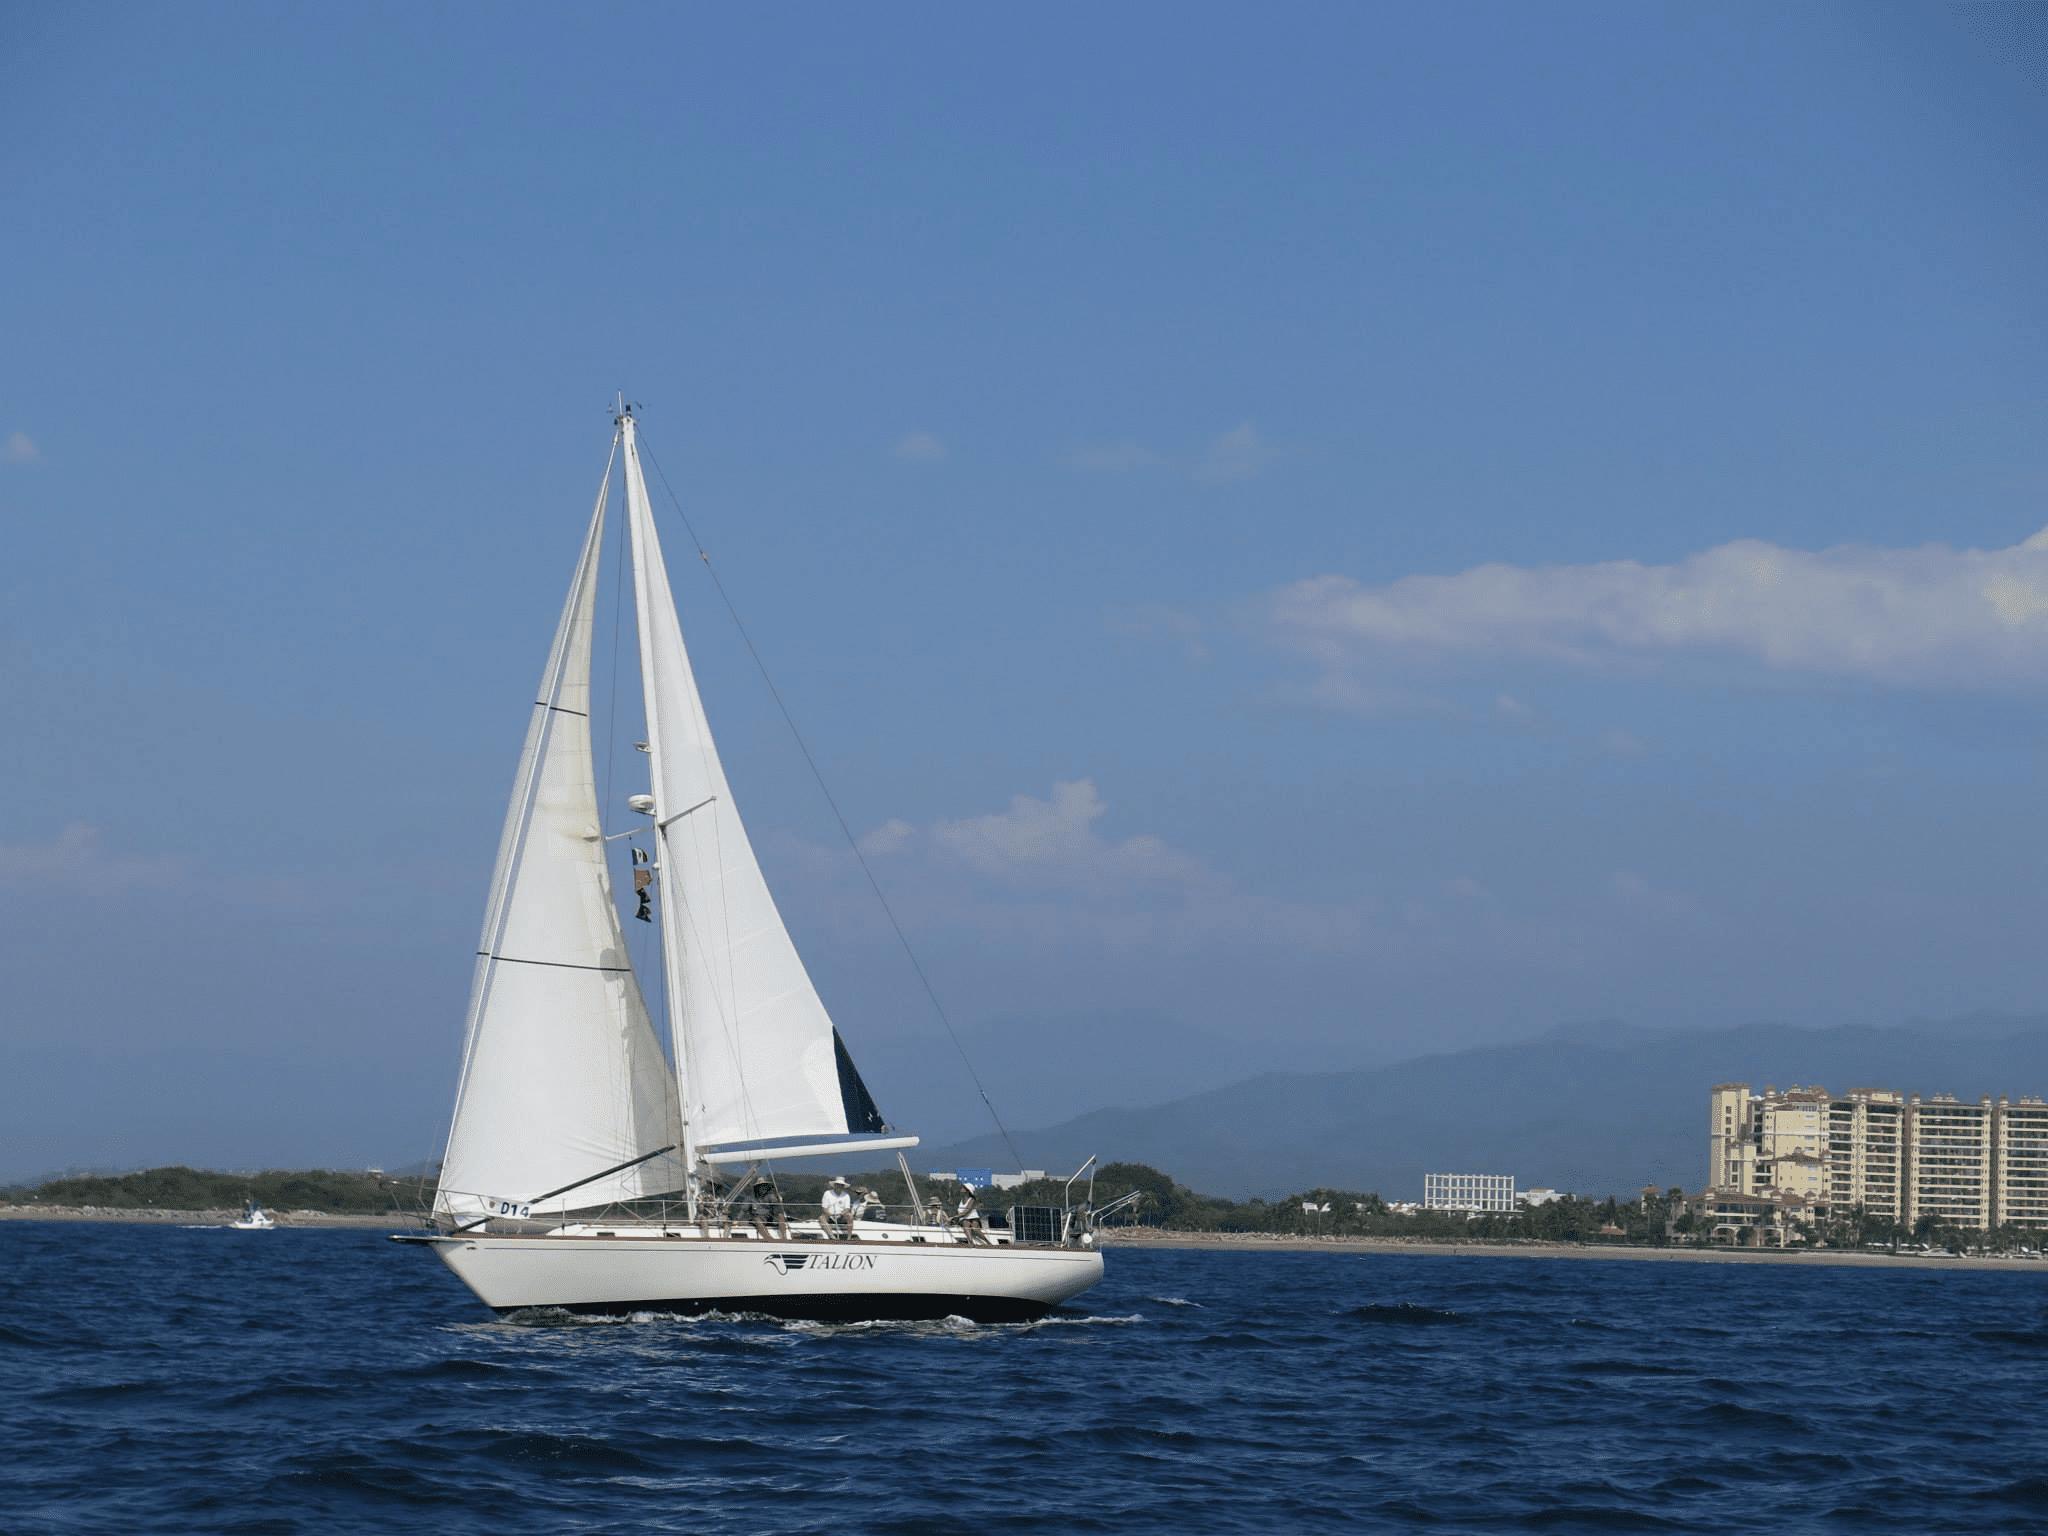 Velero en el agua en la regata internacional de la Bahía de Banderas